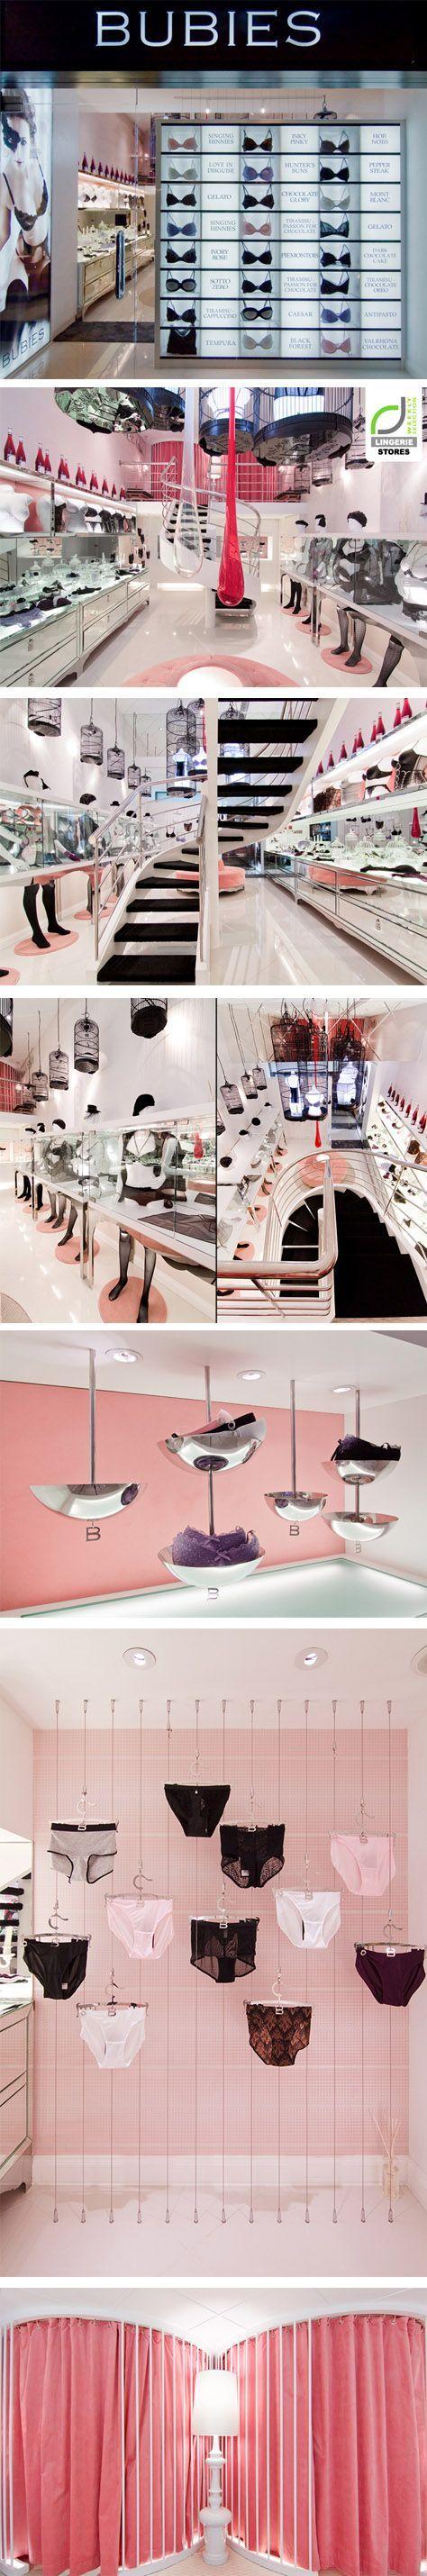 84 best Lingerie images on Pinterest   Lingerie stores, Lingerie ...